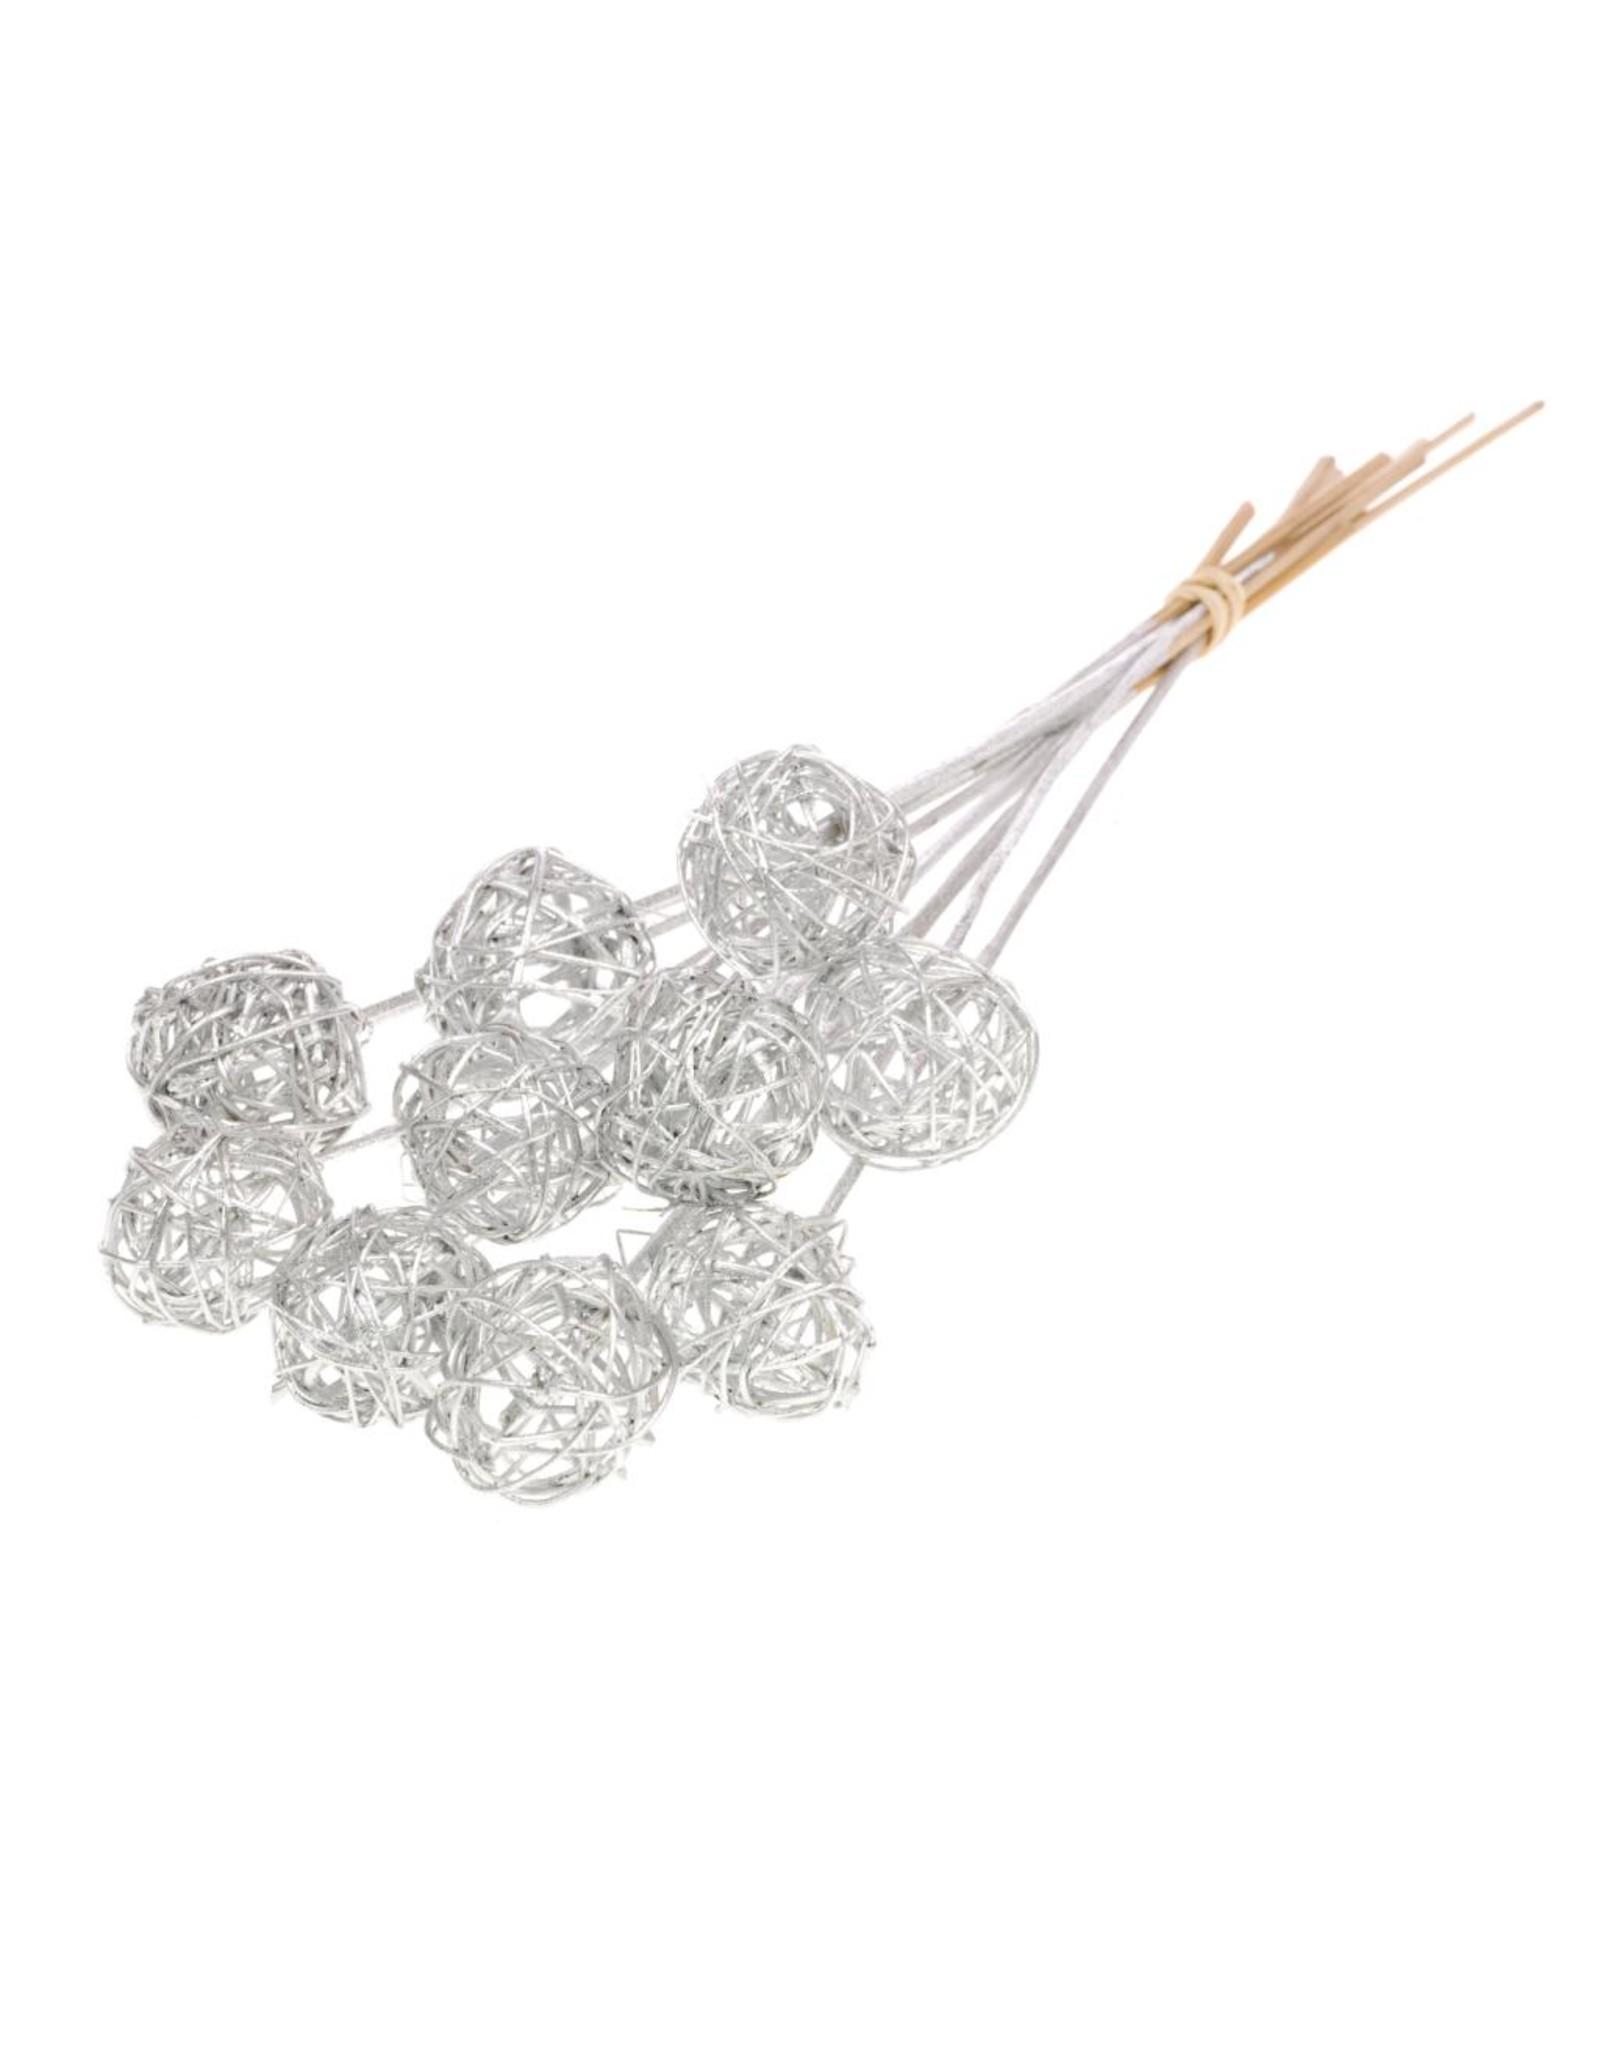 Brunch ball 5cm o/s 10pc silver silver glitter x 15